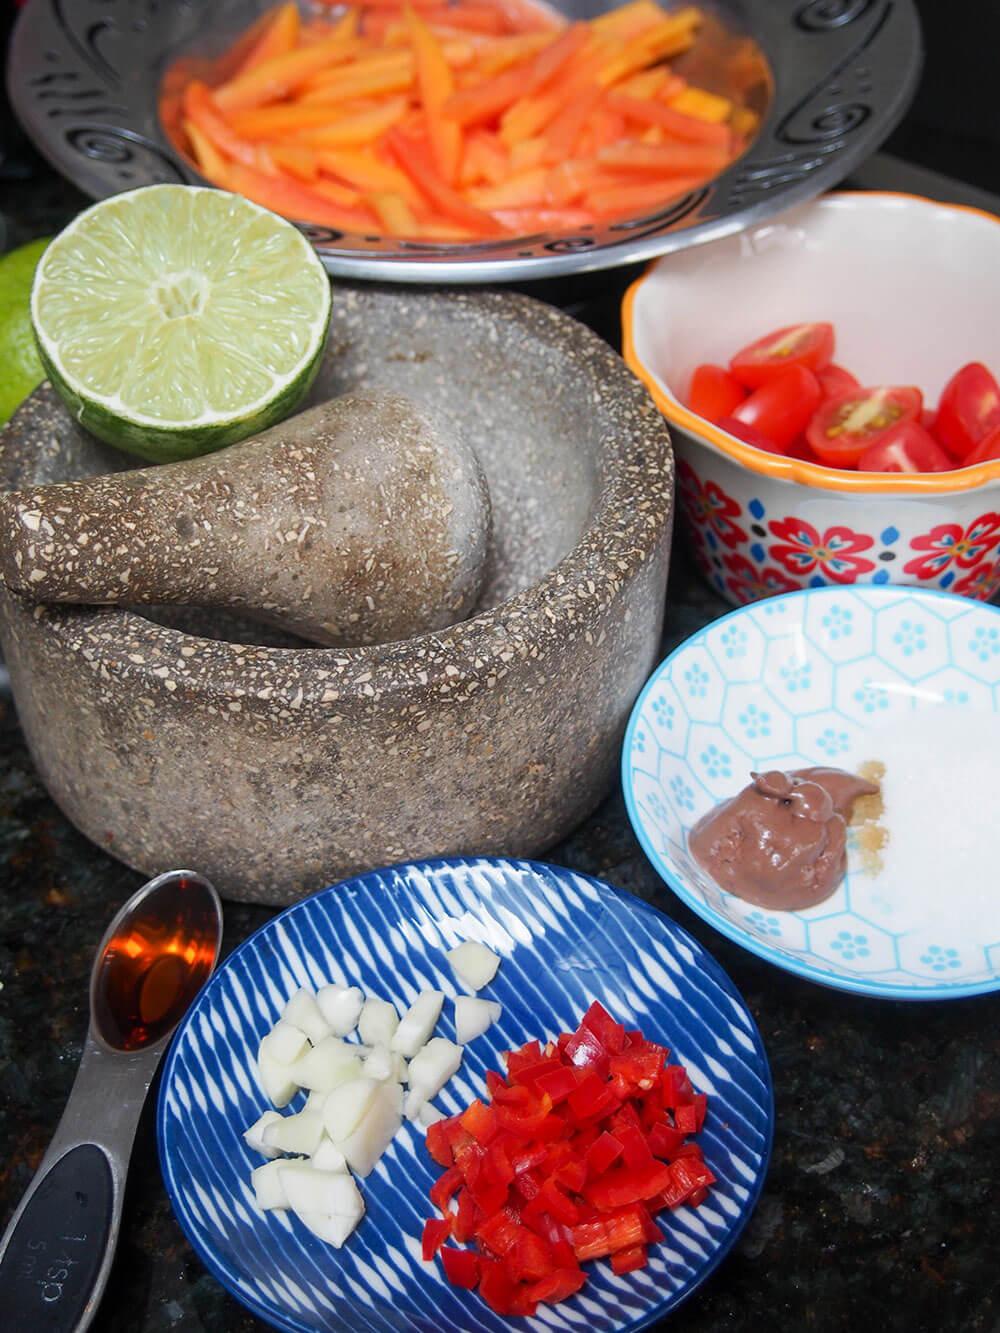 ingredients for Green papaya salad